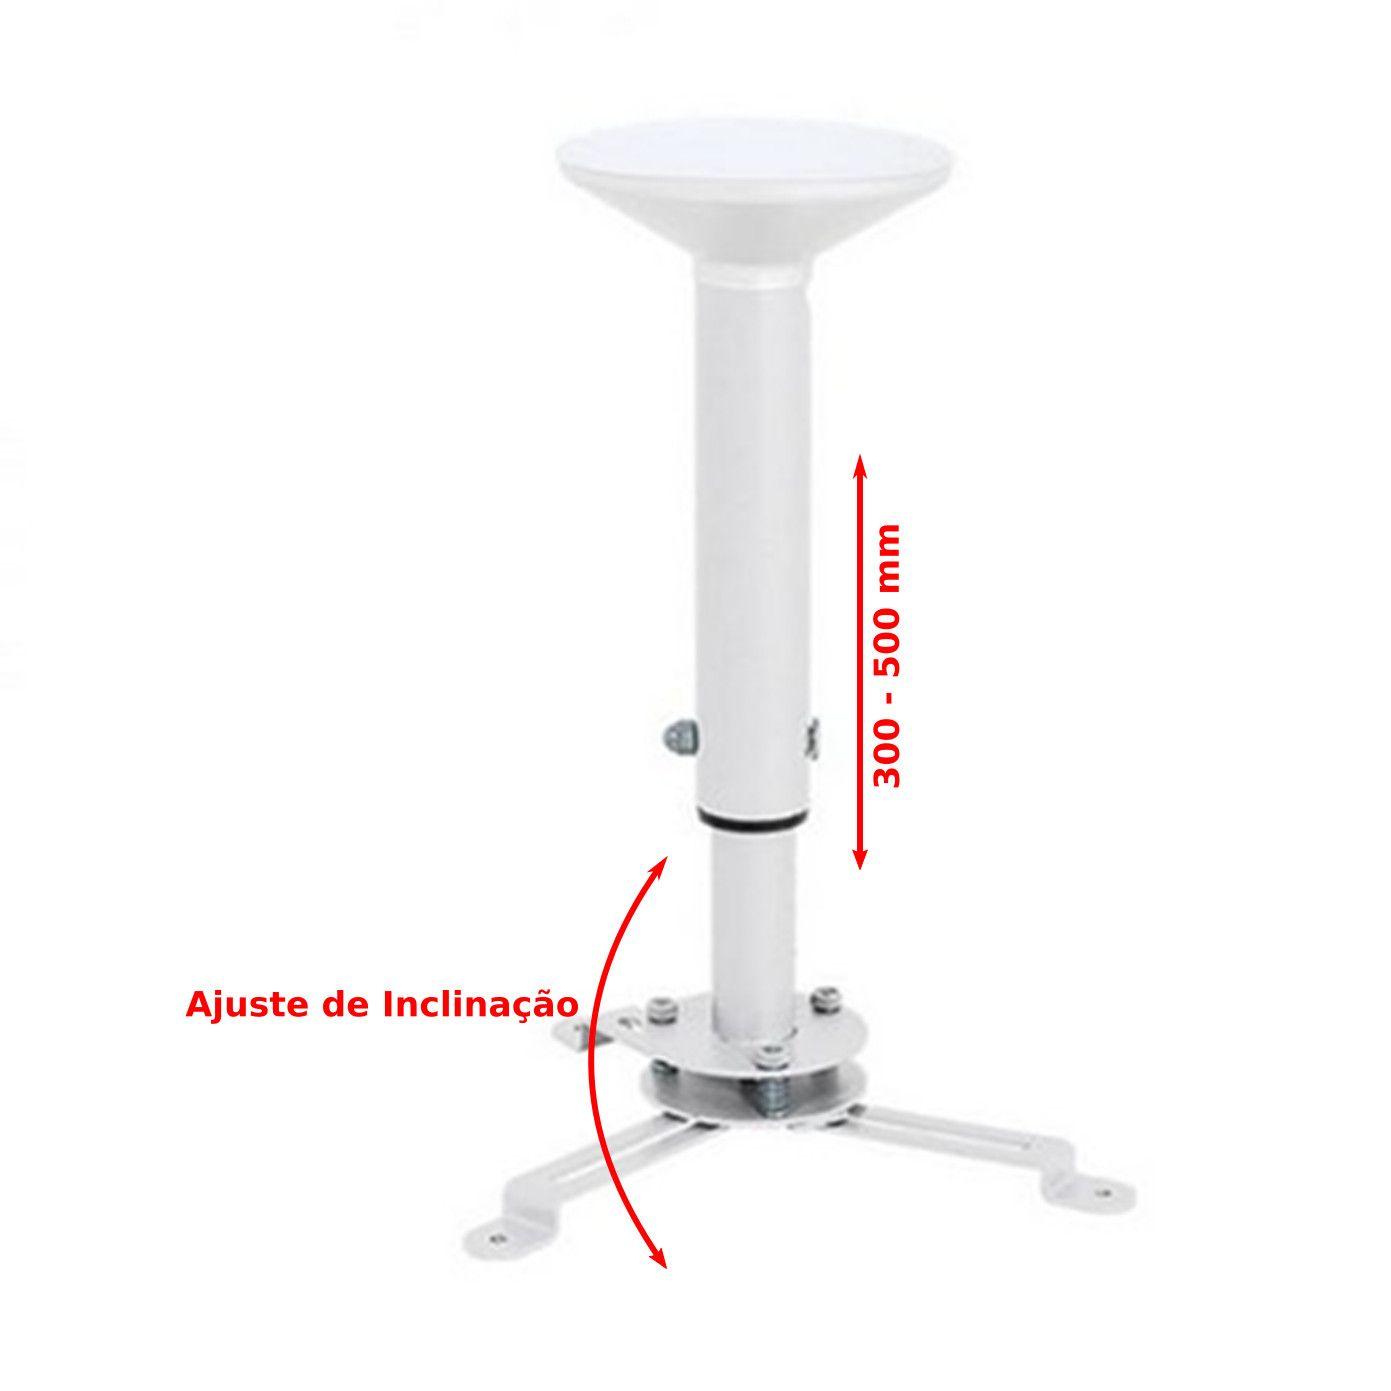 Suporte de Teto para Projetor Universal Giro 360º Iclinação Até 15º 30 - 50 cm - MULTI-PROJ-M - Multivisao